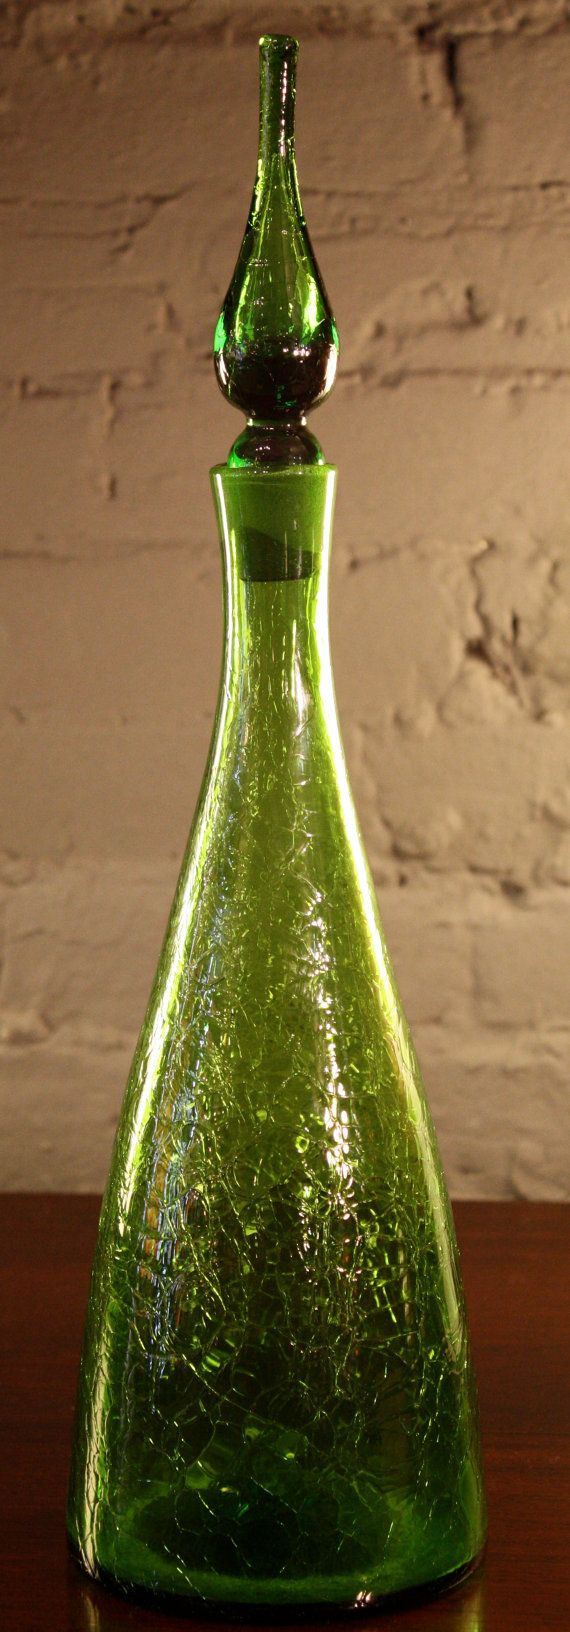 21 attractive Blenko Vase Shapes 2021 free download blenko vase shapes of 122 best studio glass images on pinterest champagne flutes in vintage blenko crackle glass decanter in light by jarontiques 200 00